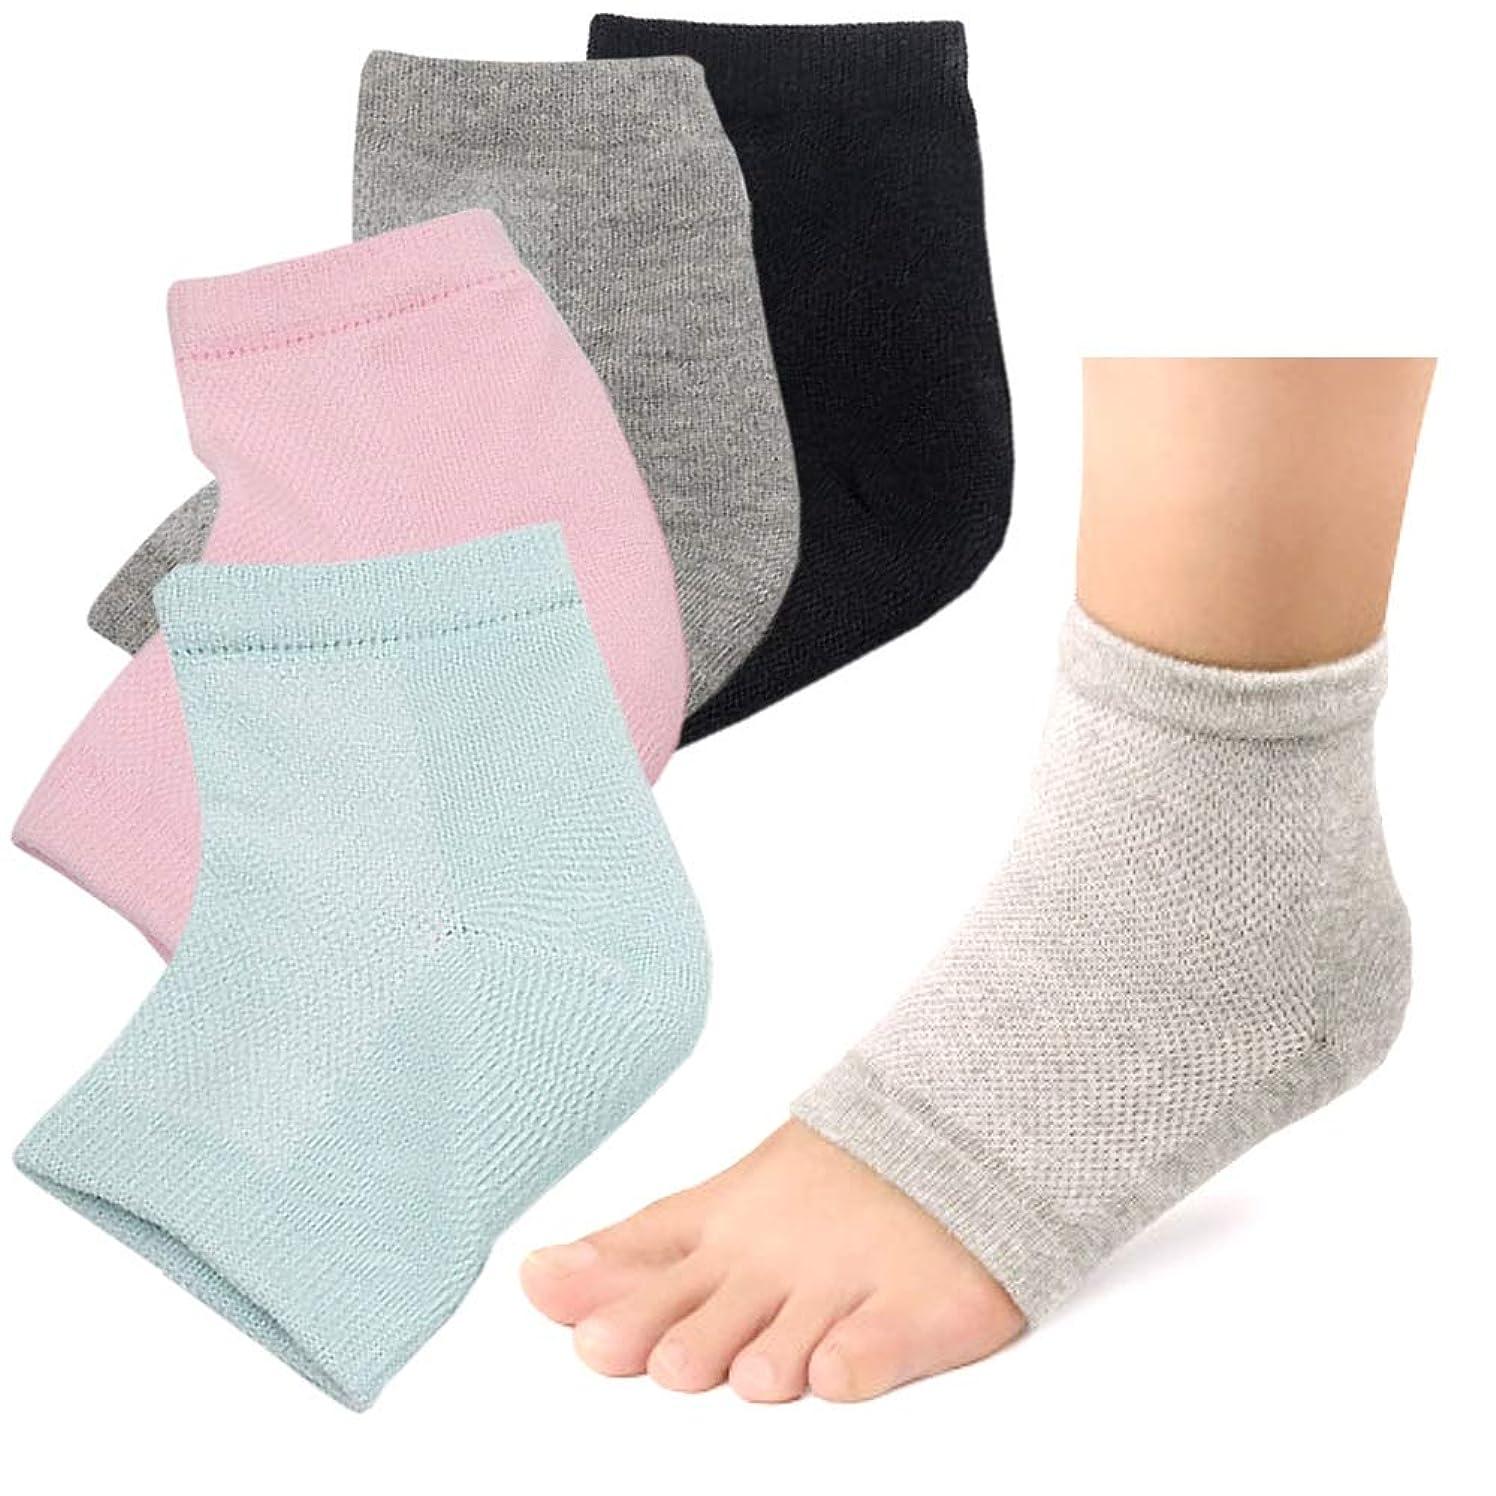 私たちの旅客財産かかと 靴下 ソックス つるつる 2足セット かかとケア かかとサポーター ひび割れ対策 角質ケア (ブラック/グレー)